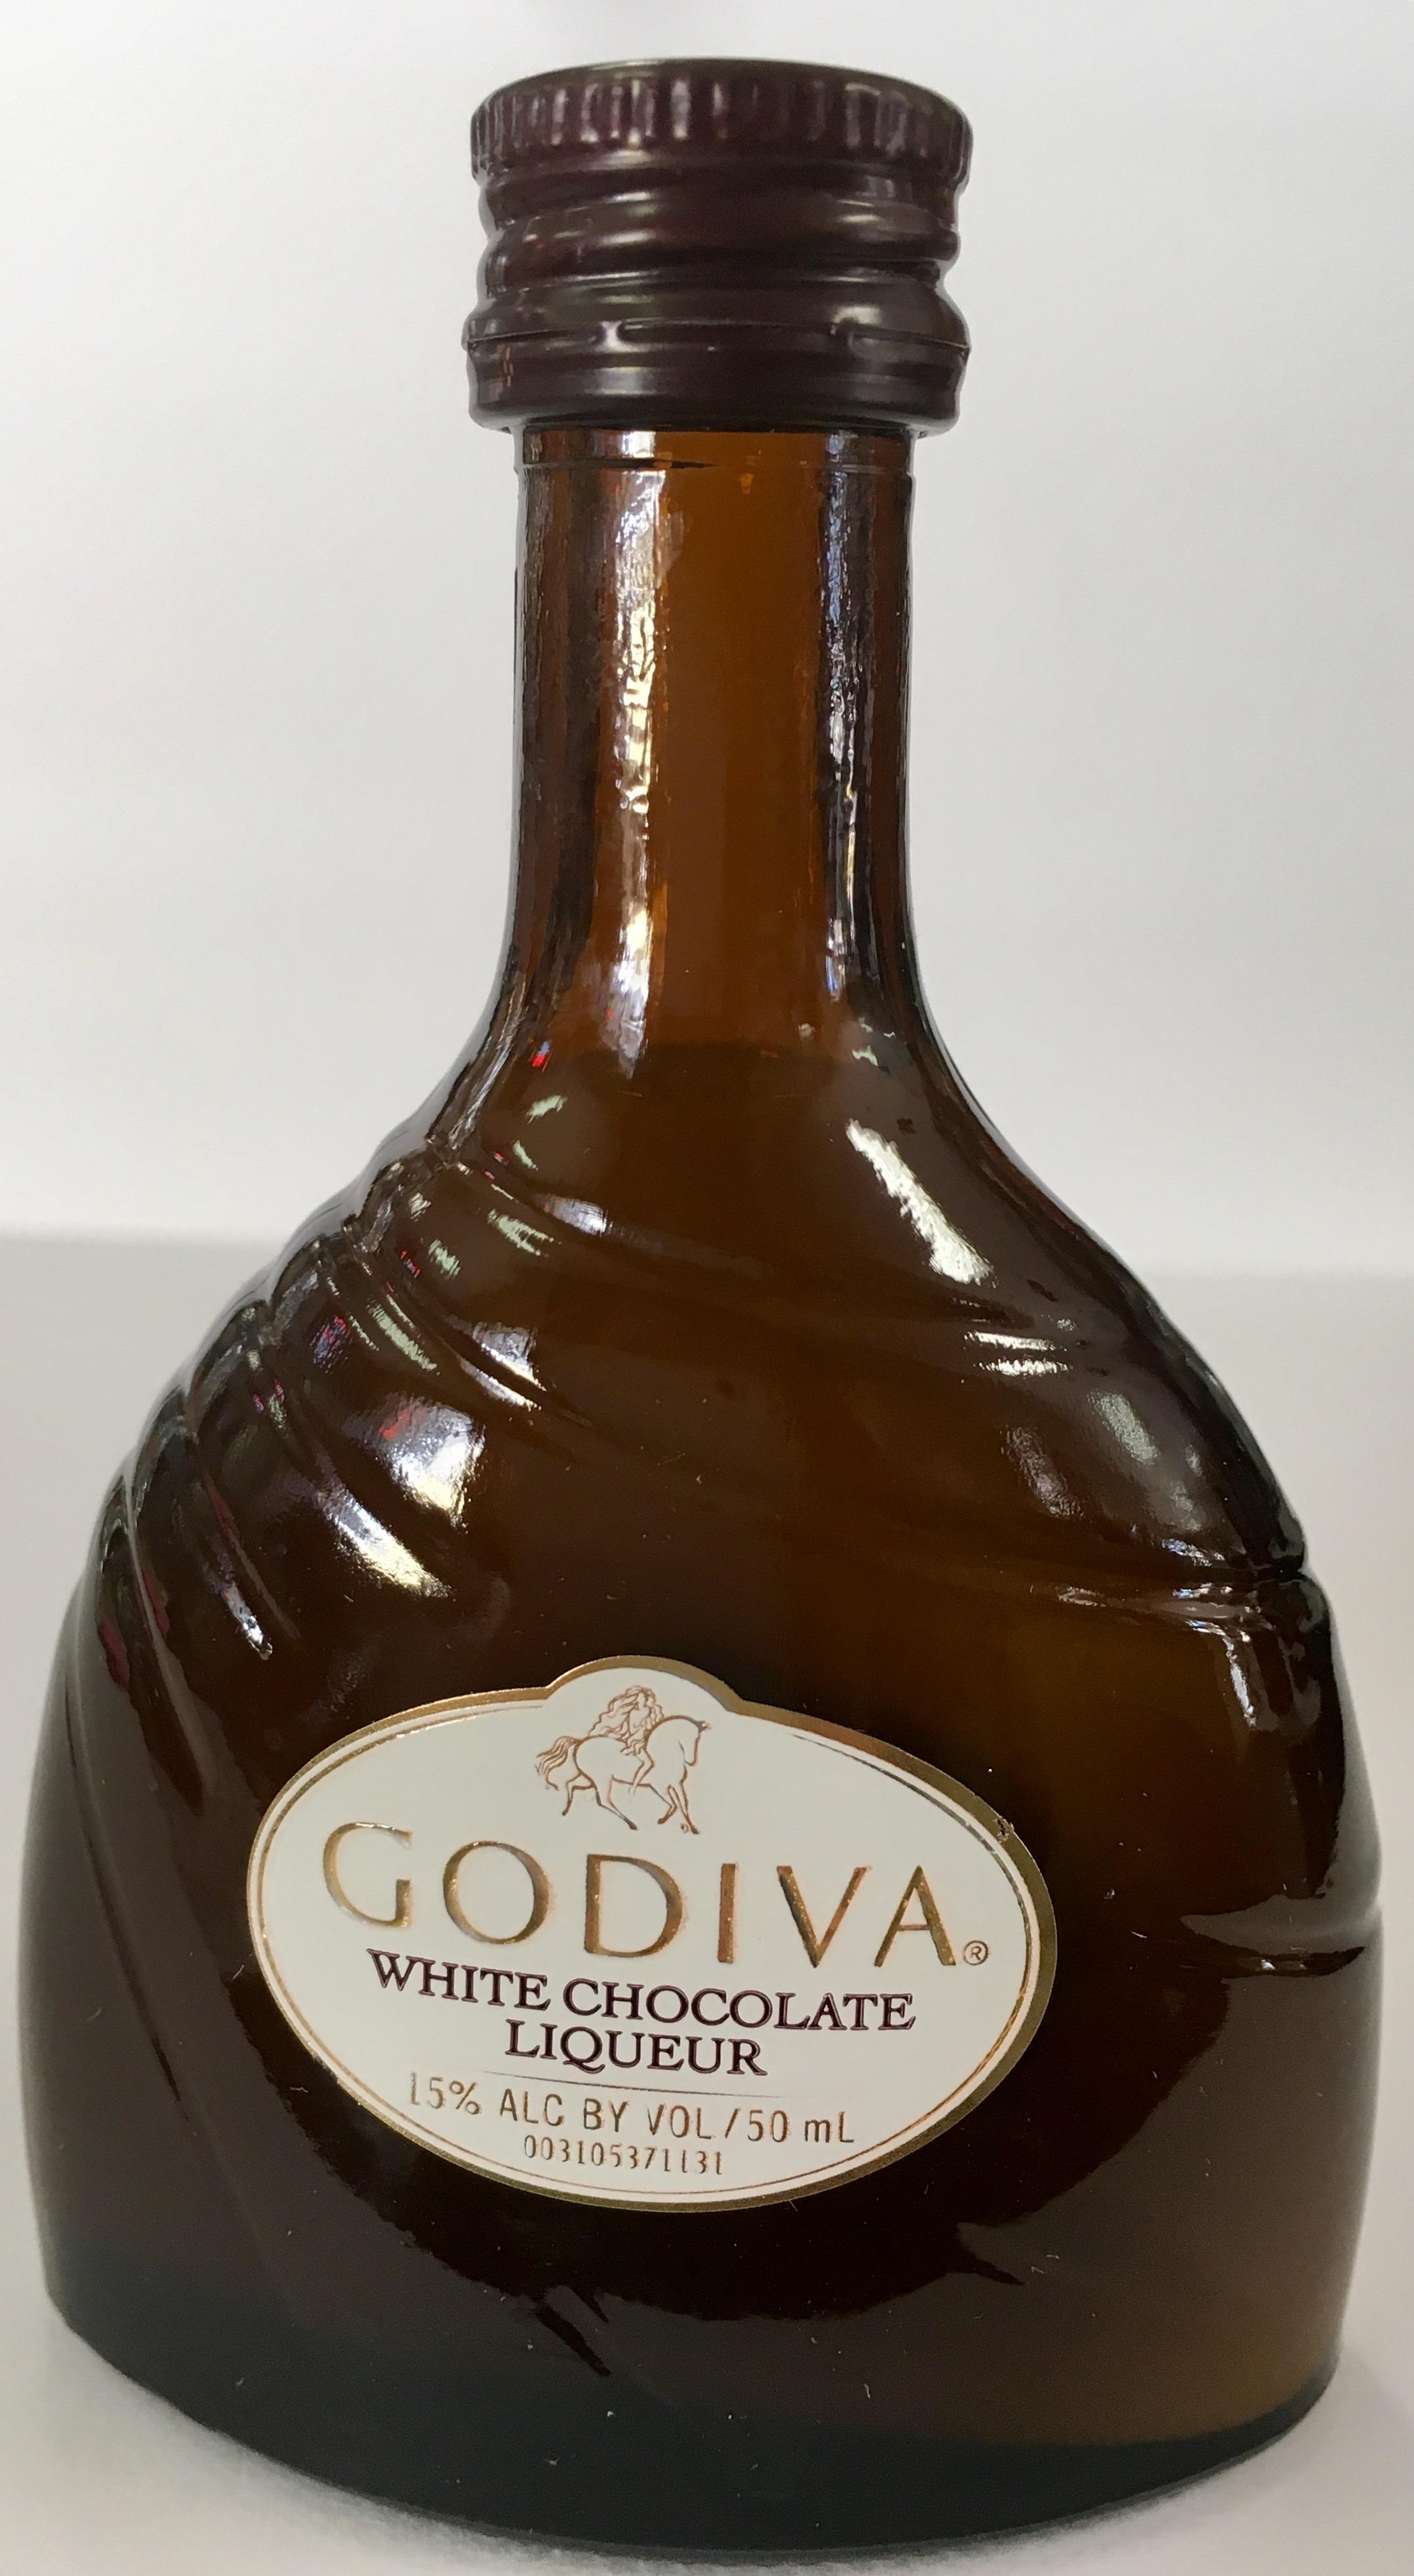 Godiva Chocolate Liqueur Alcohol Content